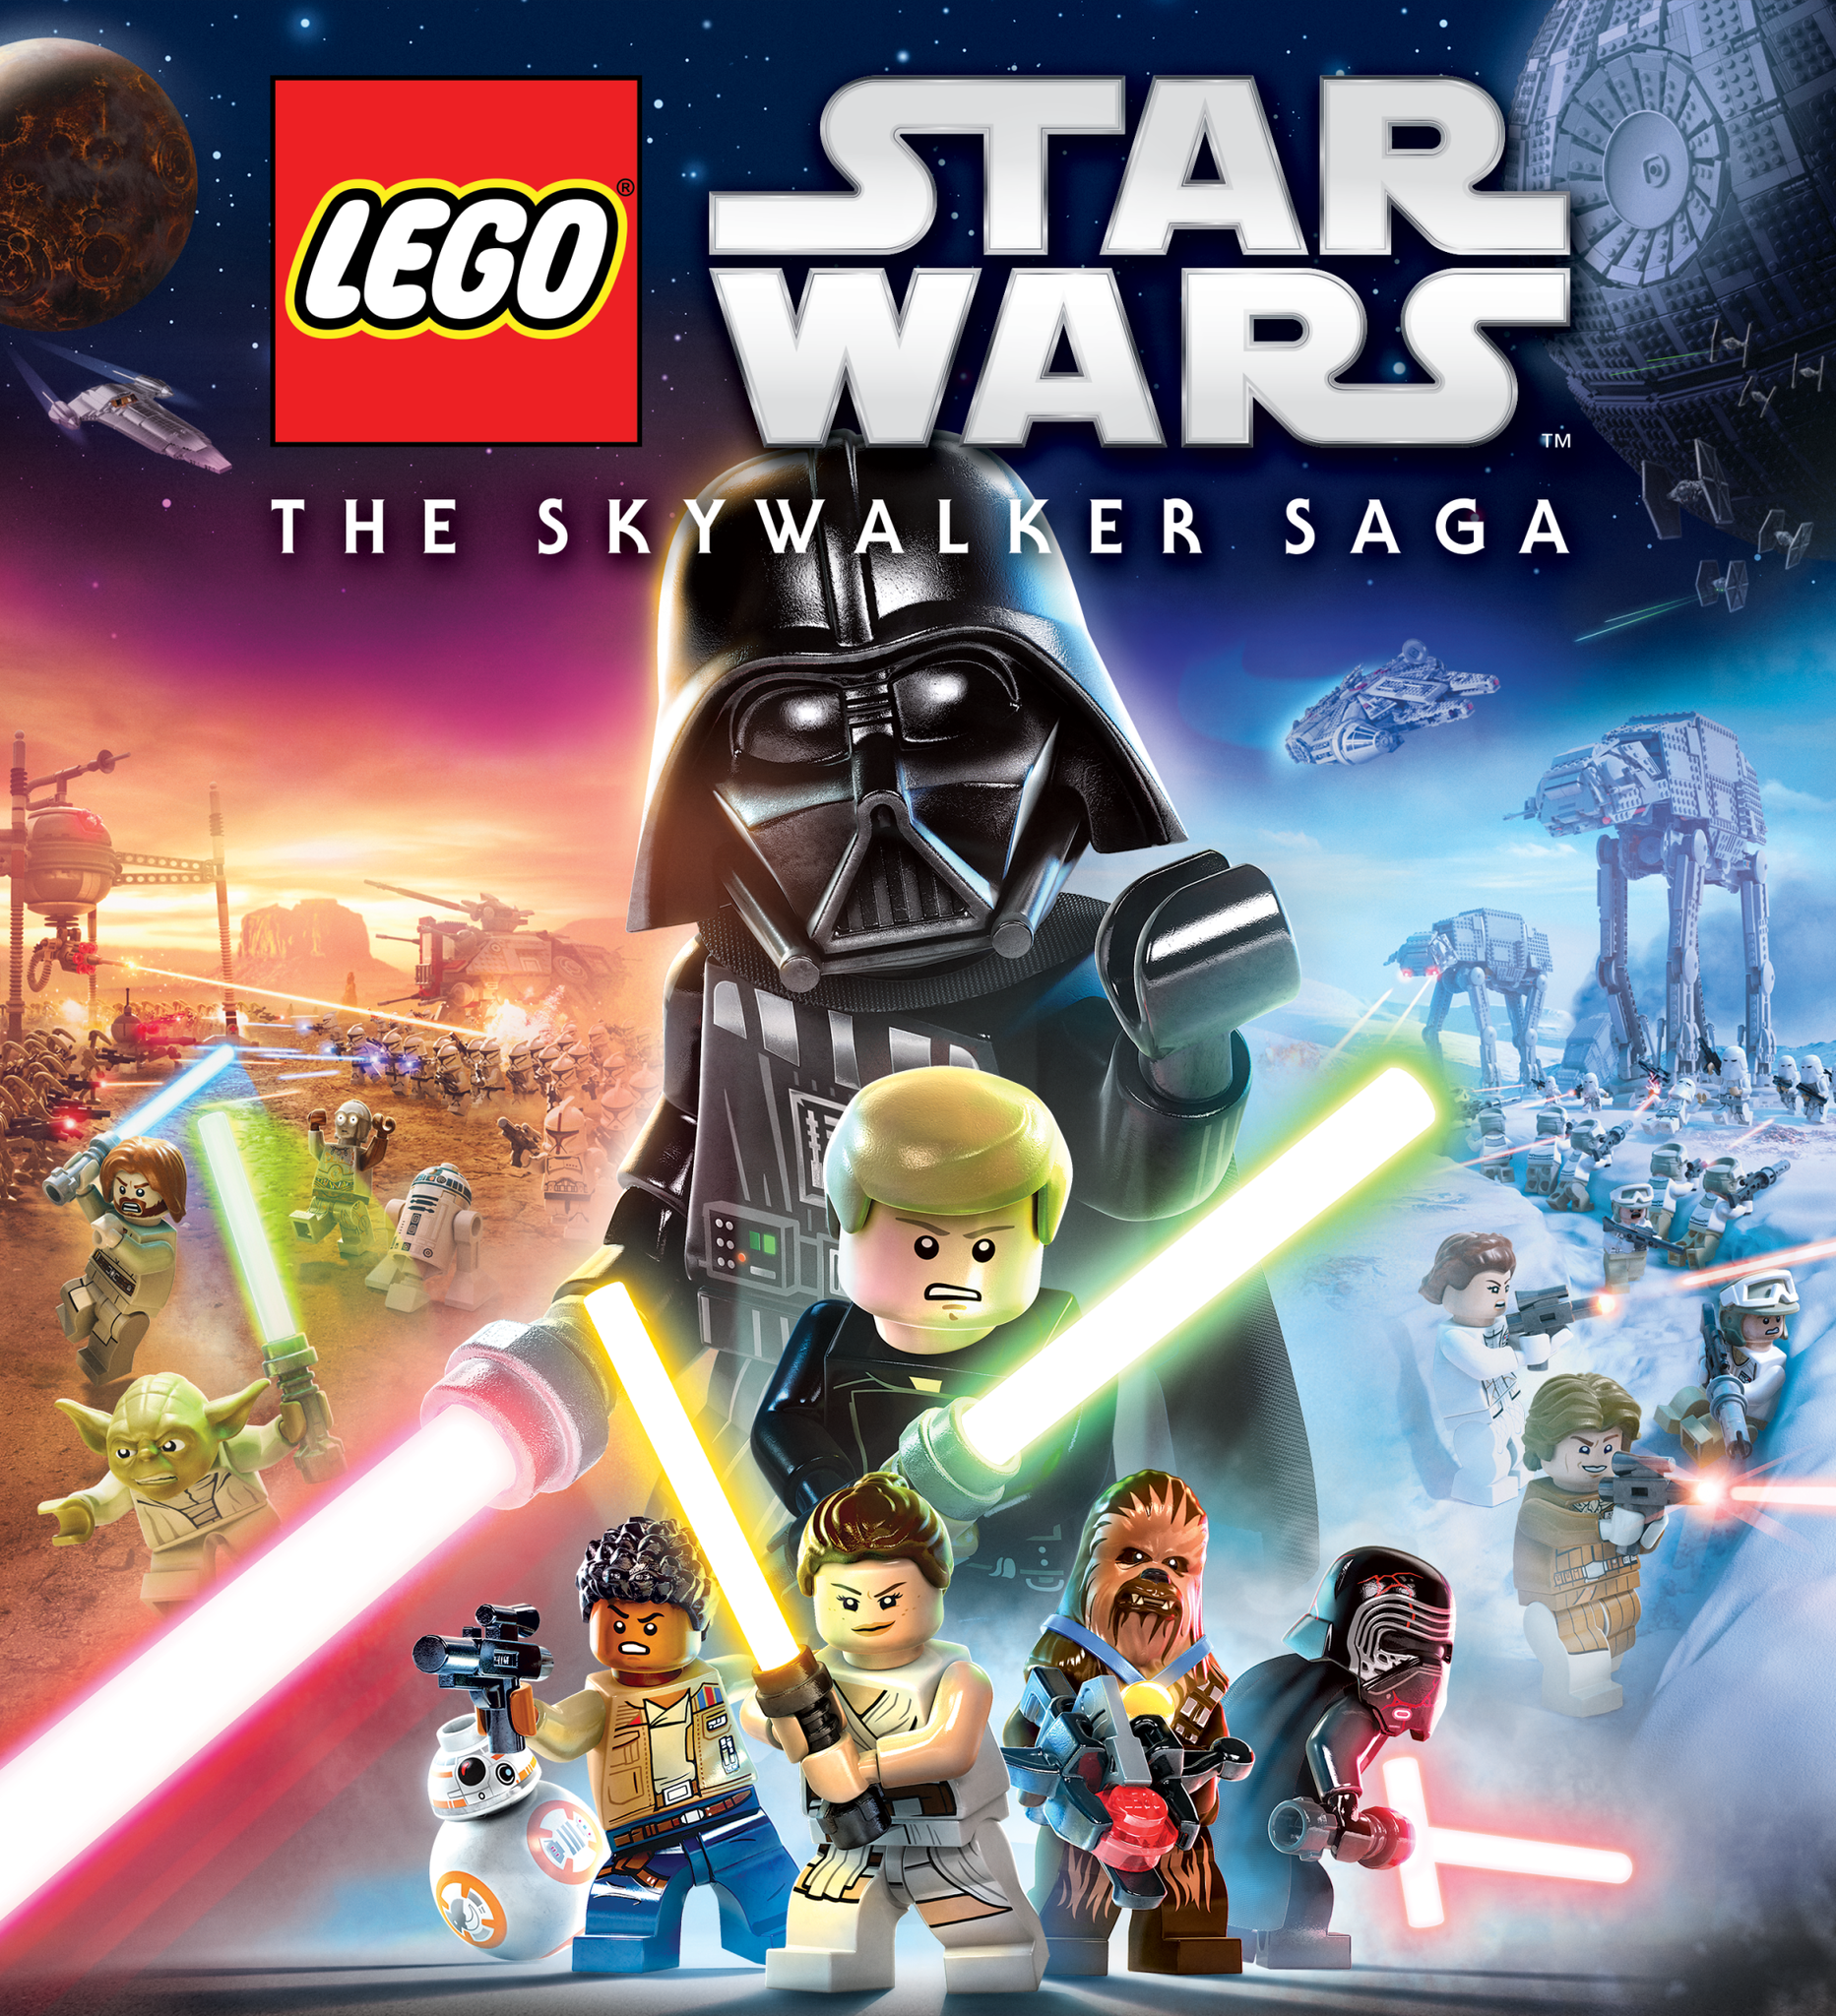 LEGO Star Wars The Skywalker Saga cover art.png